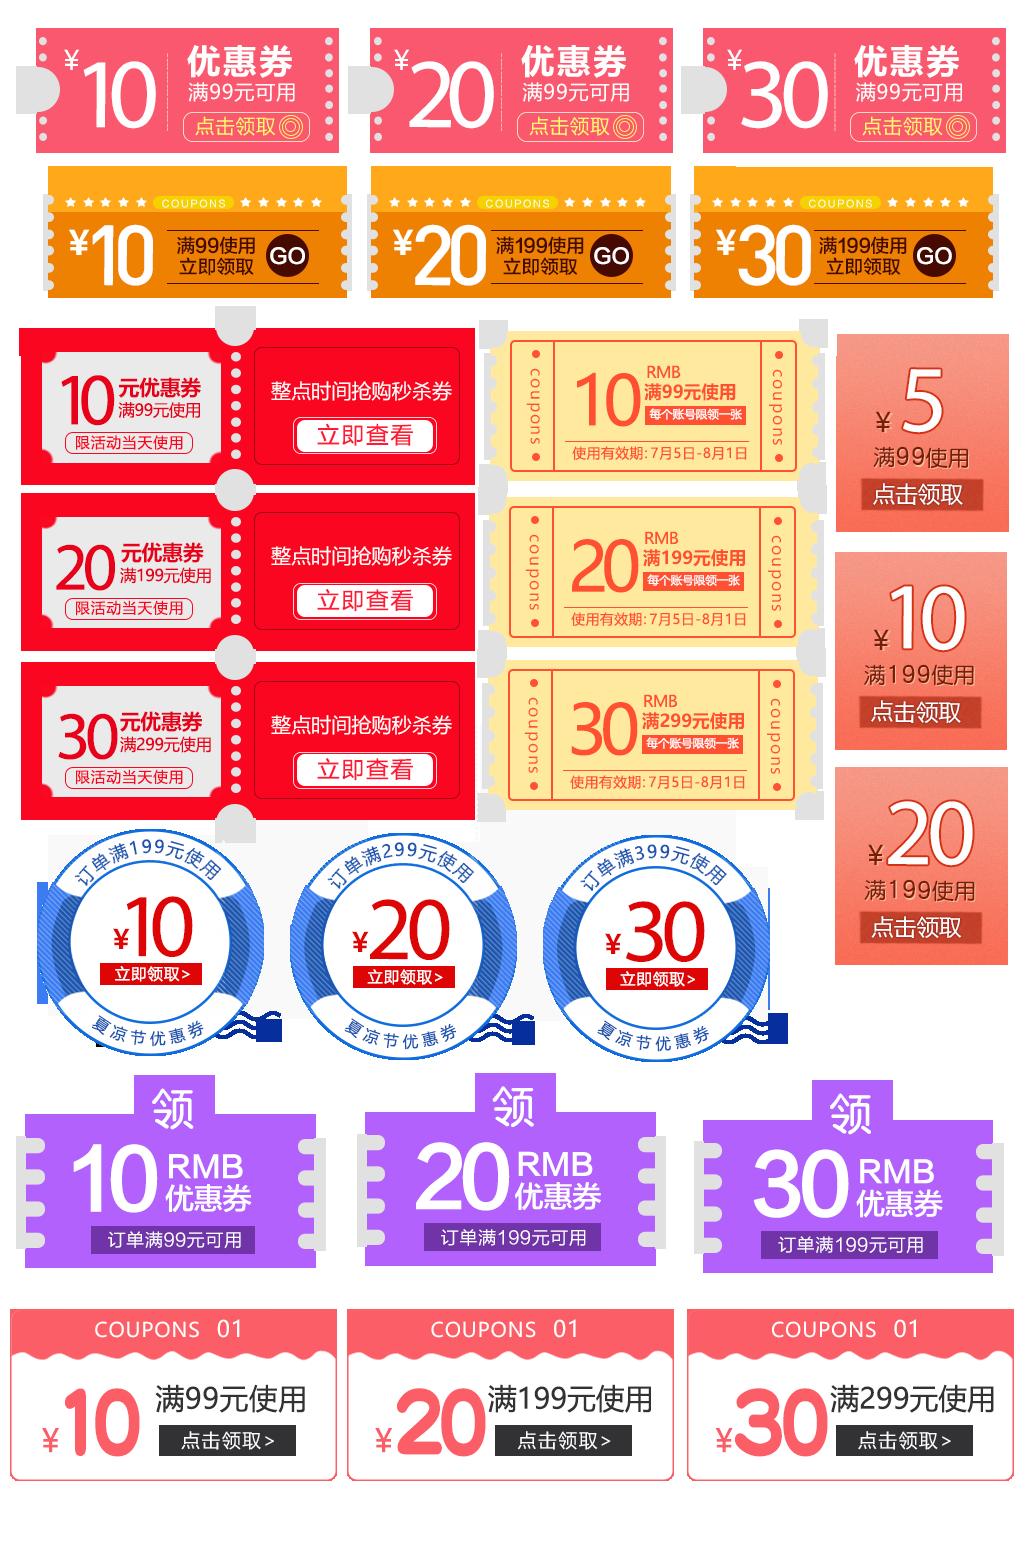 双12优惠券,双11优惠券,满减优惠券,活动优惠券,促销优惠券,淘宝优惠券模板,天猫优惠券模板,京东优惠券,店铺优惠券,淘宝装修素材,店铺促销,淘宝素材,淘宝,天猫,PSD格式,源文件